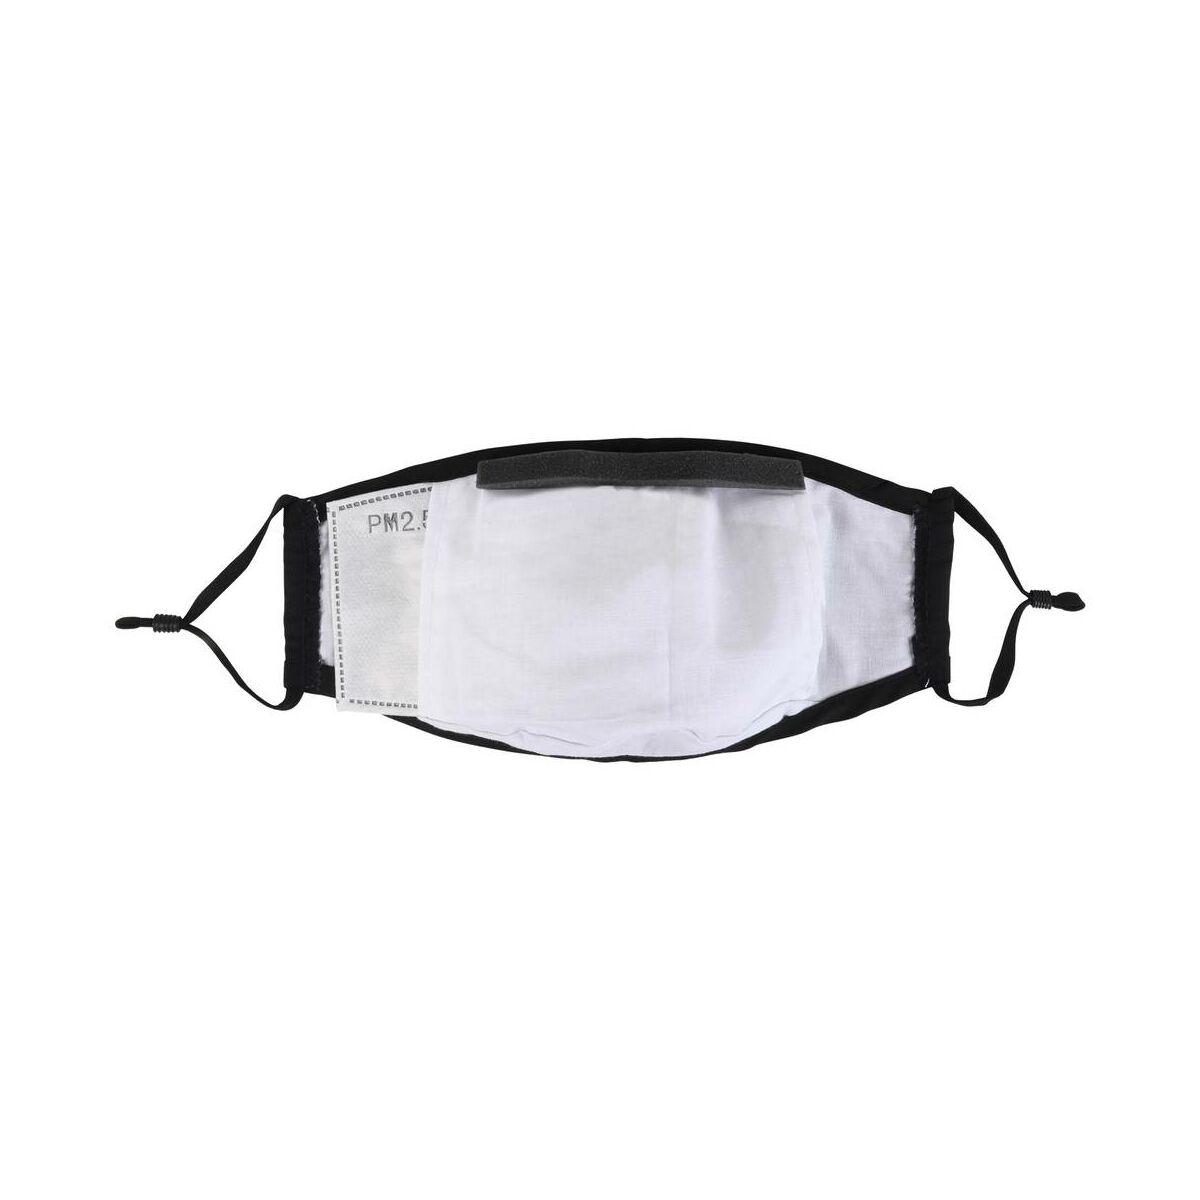 PureMe Maszk, Újrafelhasználható, Állítható füllel, Pamut, 2db N95 szűrővel a csomagban, fekete